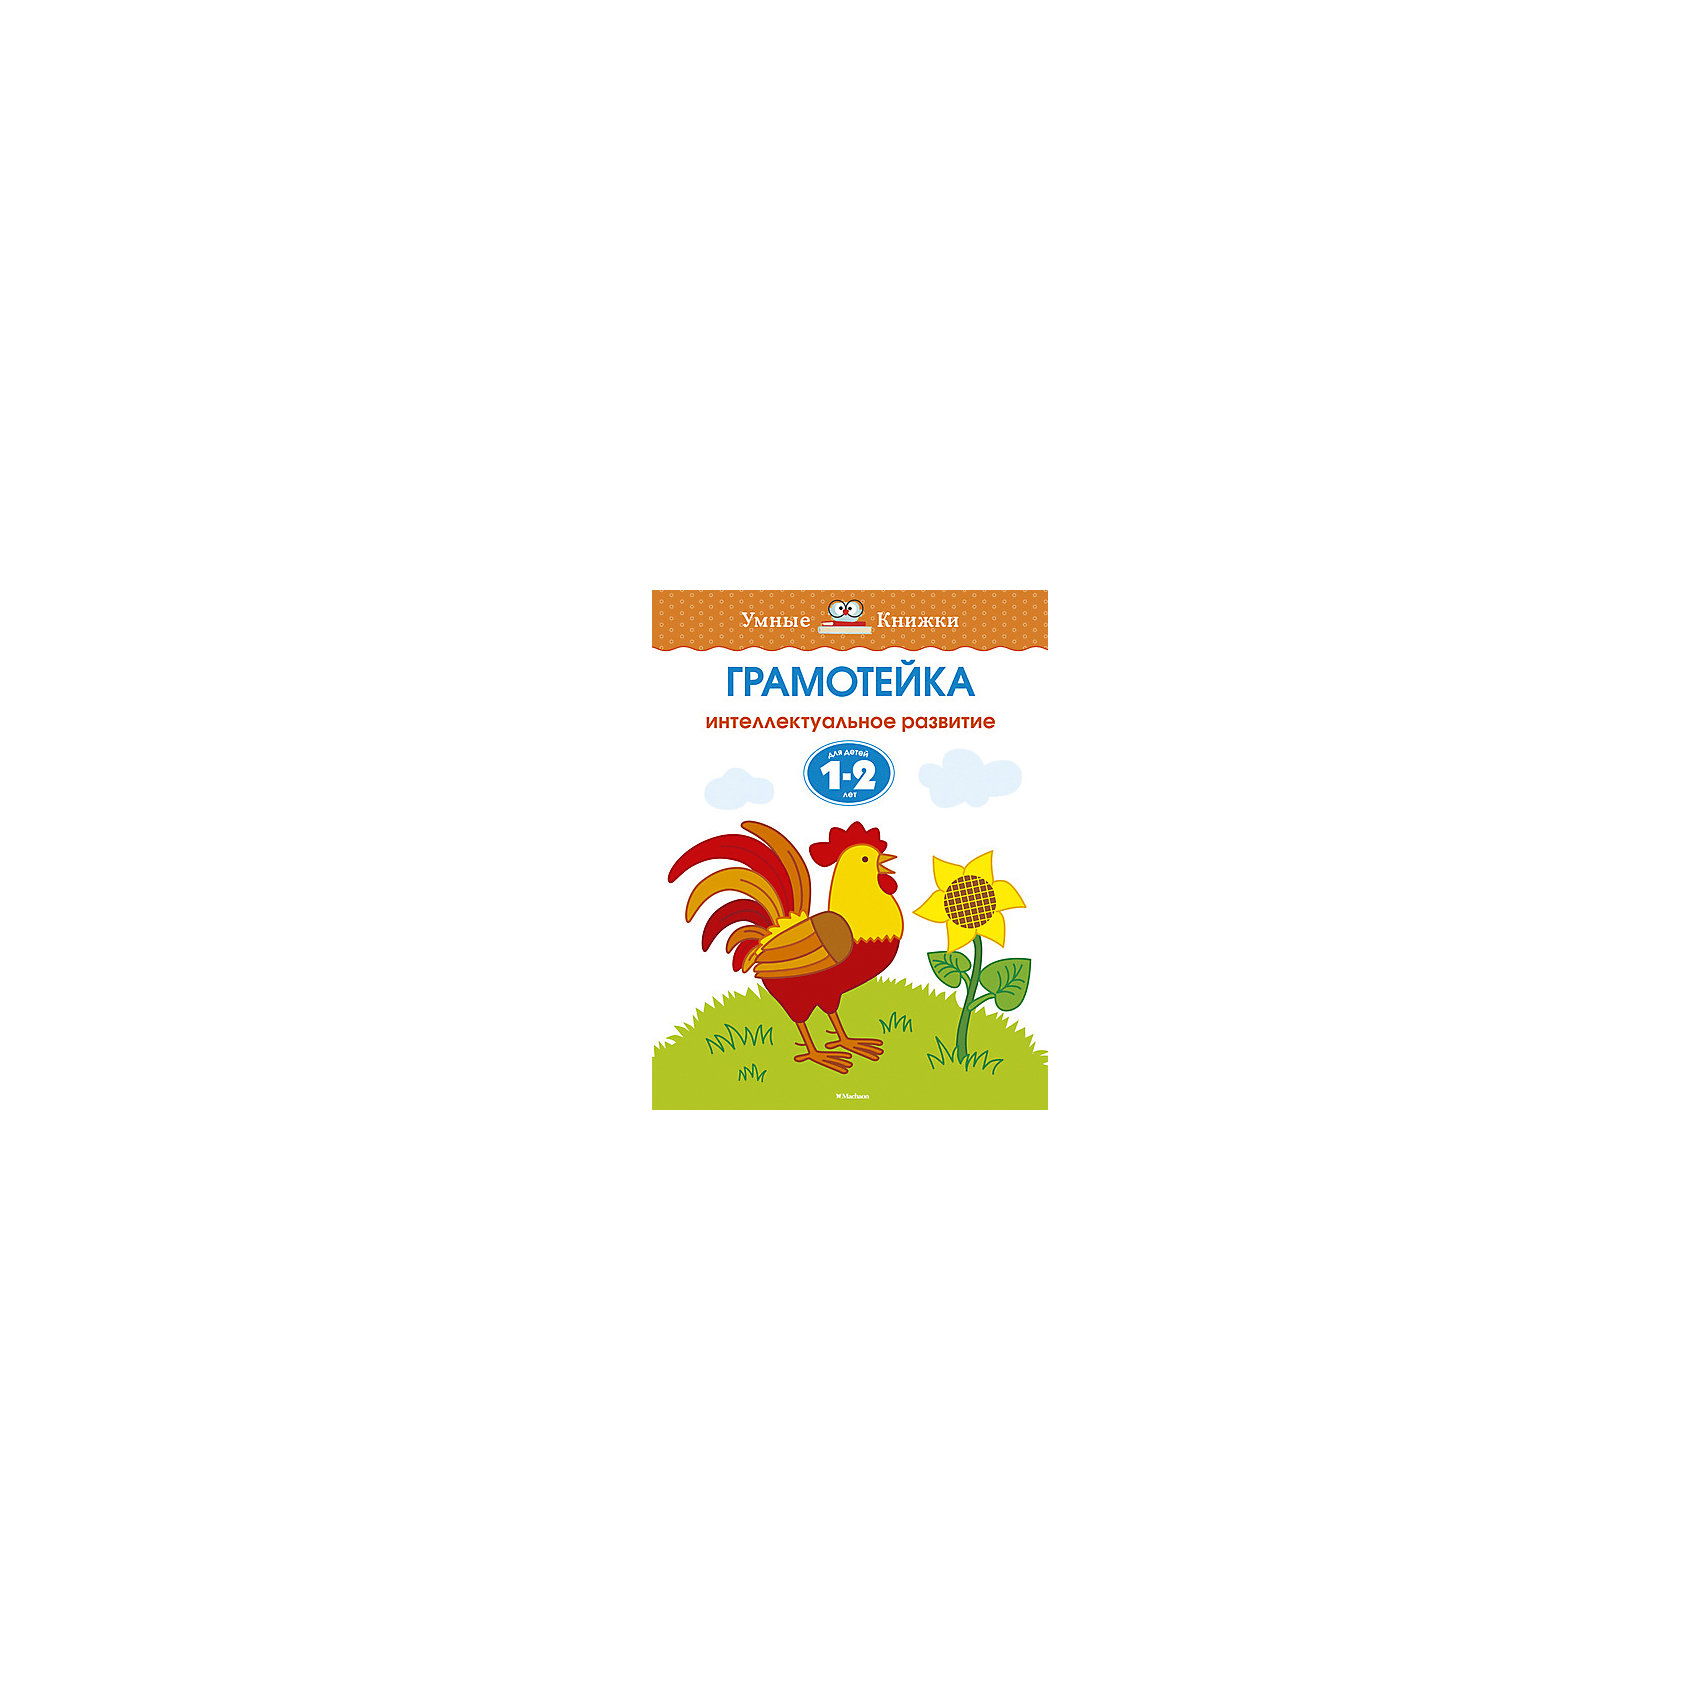 Грамотейка: Интеллектуальное развитие детей 1-2 летКнига может быть не только развлекательной, но и обучающей! В этом издании собраны интересные задания, которые разработаны известным педагогом О.Земцовой с учетом возрастных особенностей детей.<br>Эта книга может стать отличным подарком ребенку. Это удобный формат, качественная бумага, прекрасные иллюстрации. Родители сами могут заминаться с детьми по этому пособию, уделяя ему до двадцати минут в день. Издание поможет ребенку развить разные навыки: речь, счет, логику, внимательность и мелкую моторику. Книга произведена из качественных и безопасных для детей материалов.<br><br>Дополнительная информация:<br><br>страниц: 80;<br>мягкая обложка;<br>формат: 21 х 29 см.<br><br>Книгу Грамотейка: Интеллектуальное развитие детей 1-2 лет можно купить в нашем магазине.<br><br>Ширина мм: 255<br>Глубина мм: 195<br>Высота мм: 7<br>Вес г: 186<br>Возраст от месяцев: 12<br>Возраст до месяцев: 36<br>Пол: Унисекс<br>Возраст: Детский<br>SKU: 4975157